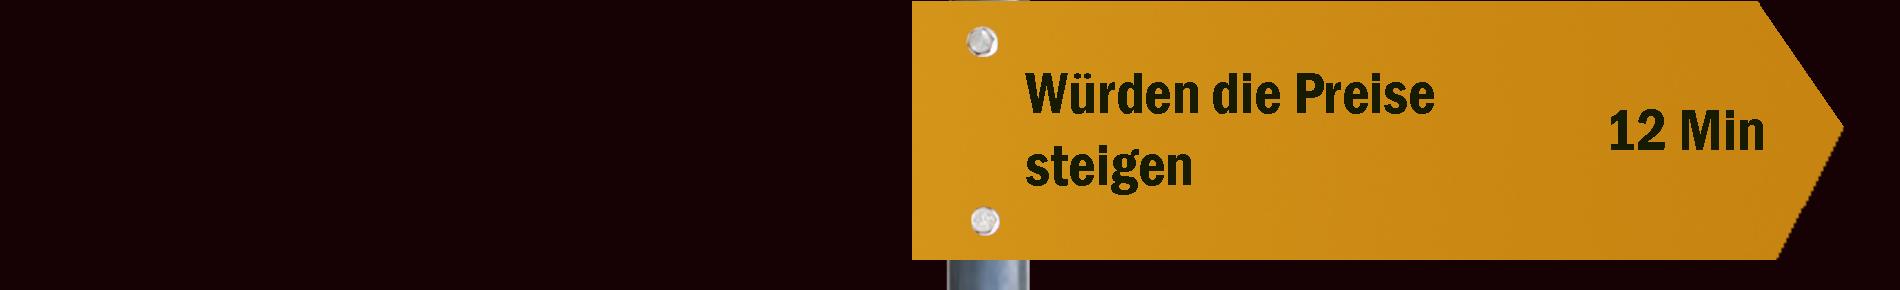 WWR_PreiseSteigen